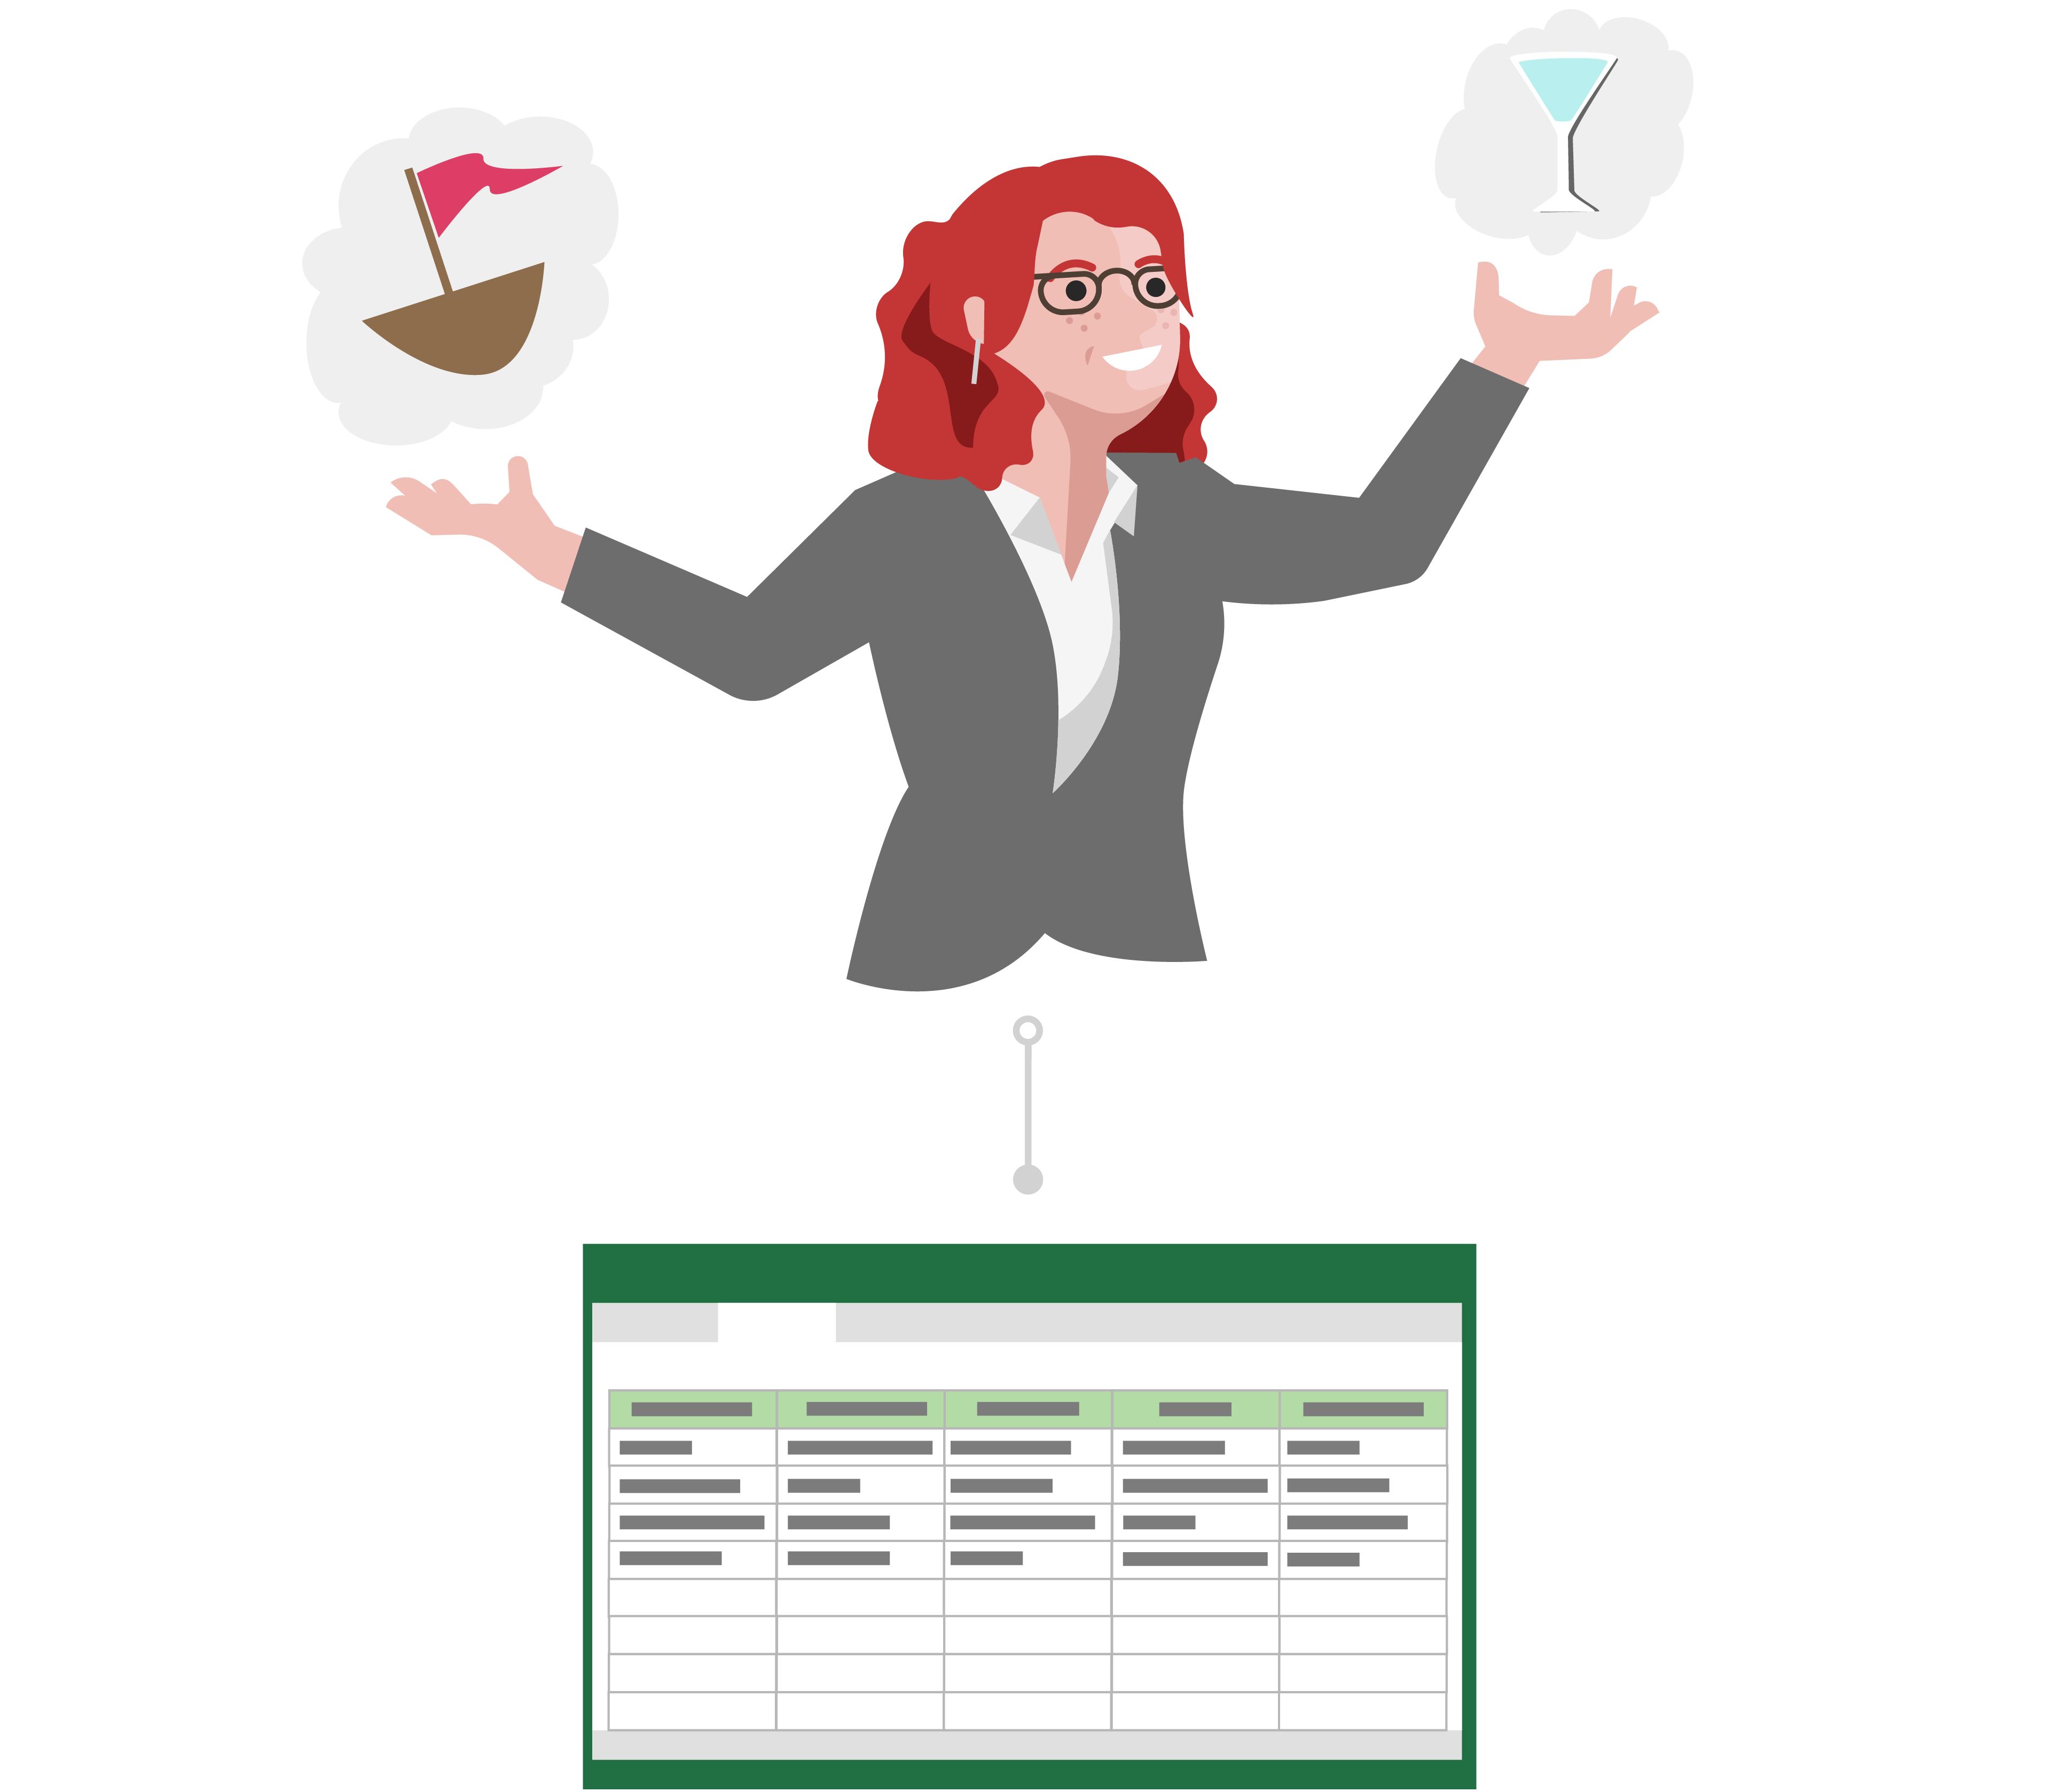 Лінда має відповіді на свої ідеї, тому вона створює електронну таблицю та зберігає їх у хмарі.